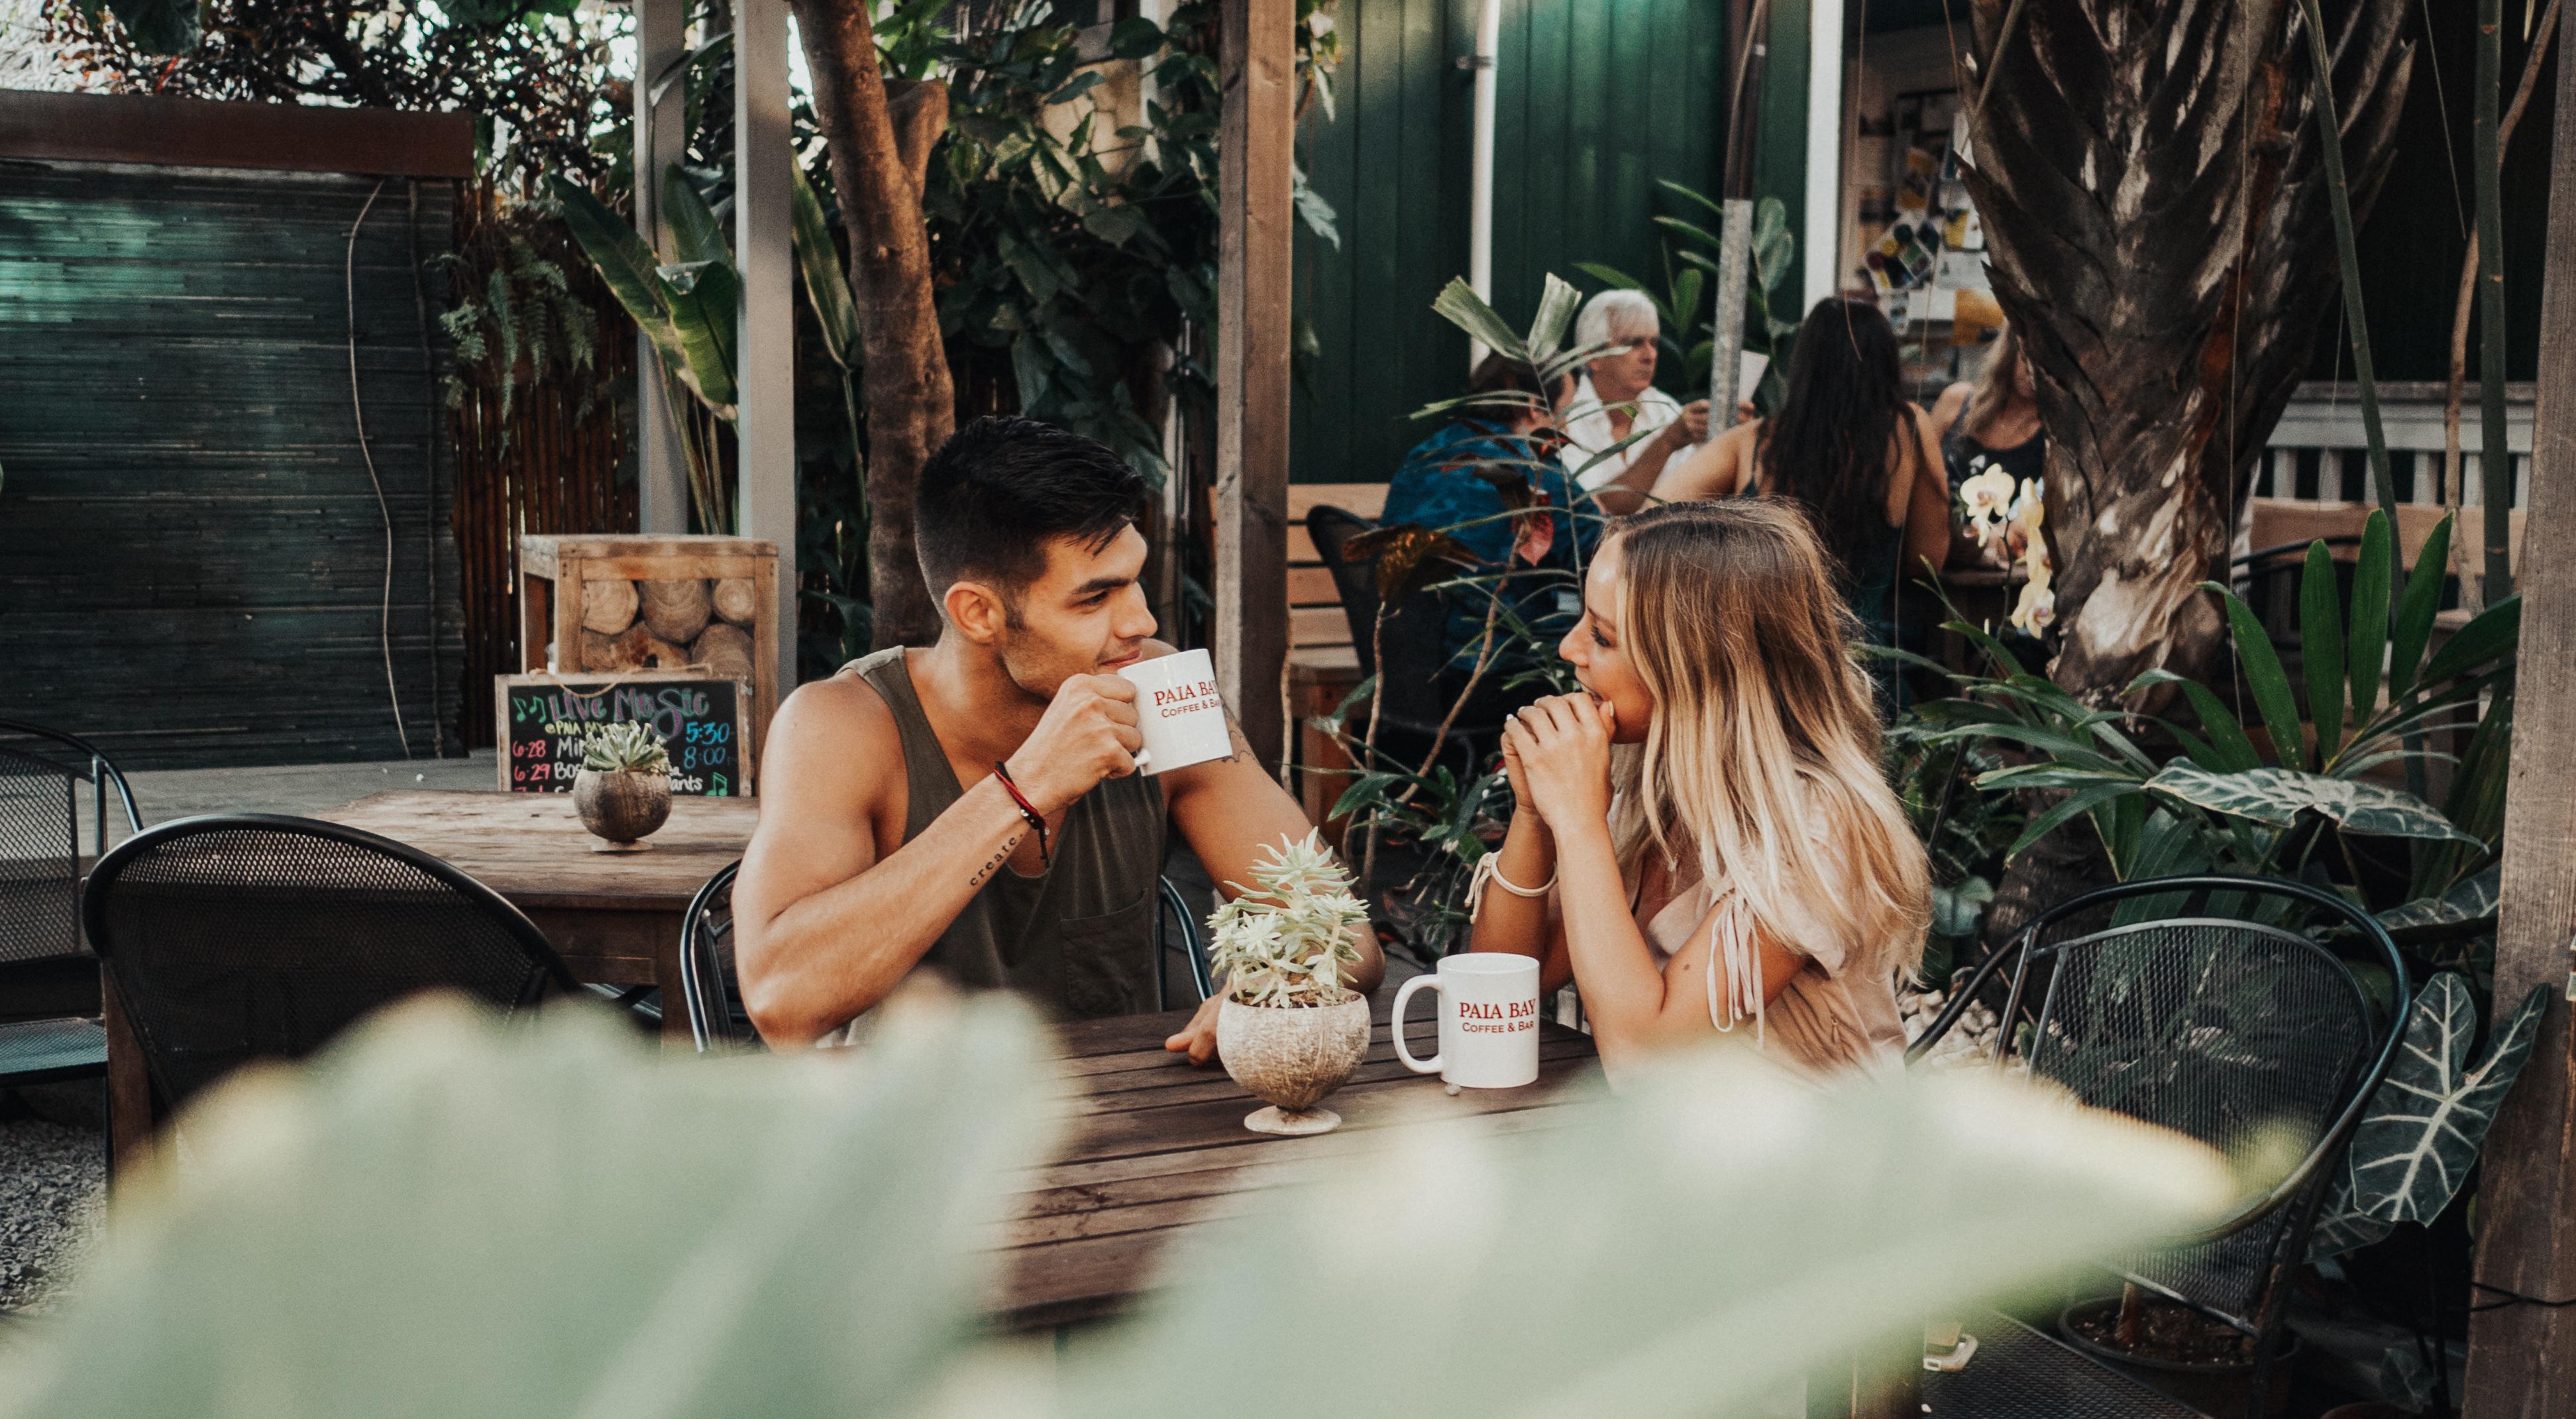 Wie wichtig ist Körpersprache beim Flirten?